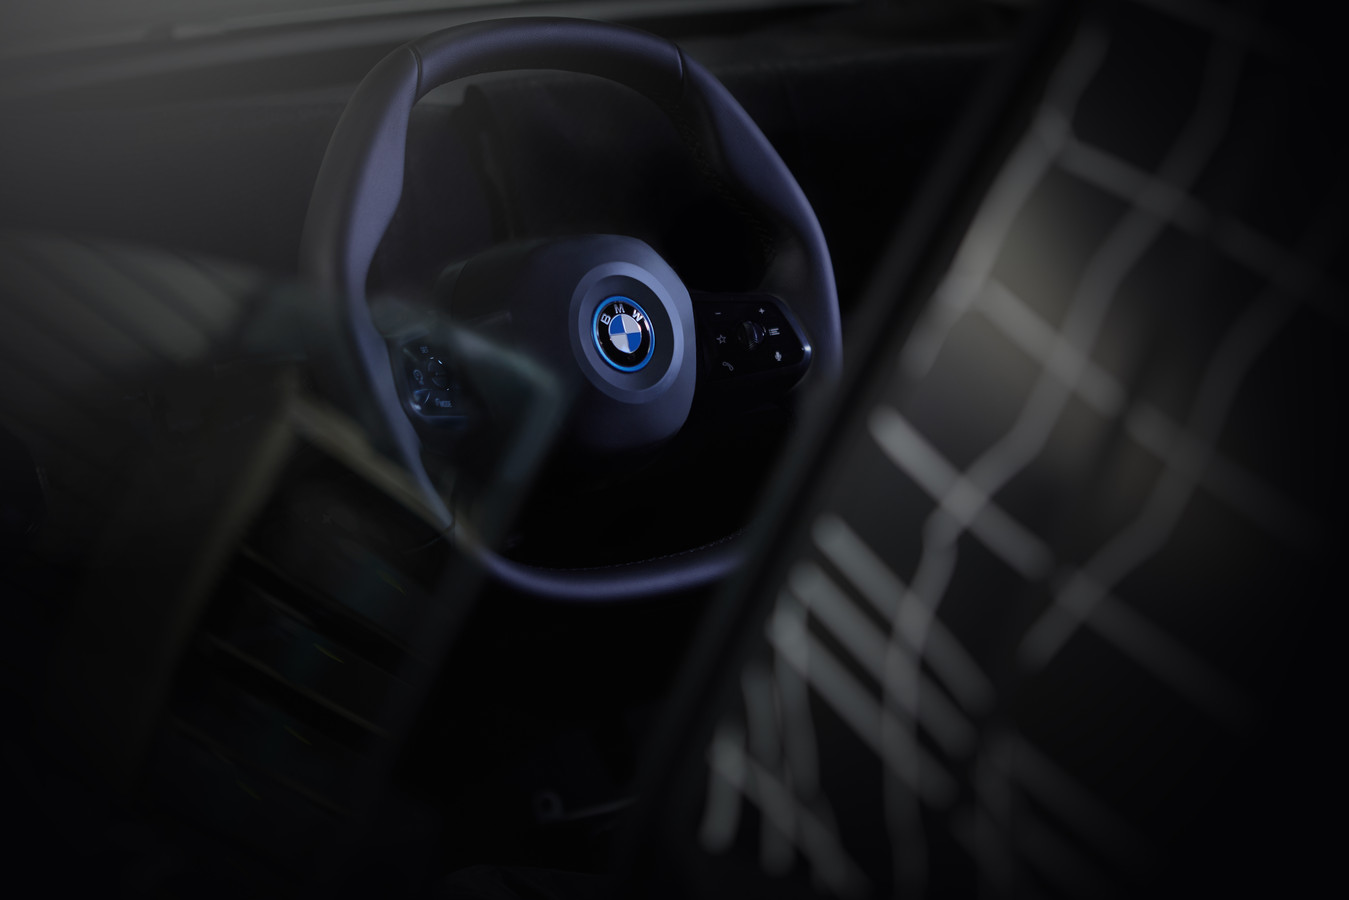 Dit wordt het stuur in de BMW iNext die in 2021 te koop zal zijn. Het stuur is al veel hoekiger dan een conventioneel autostuur. Dit is tot nu toe de enige officiële foto die BMW van de iNext heeft vrijgegeven.